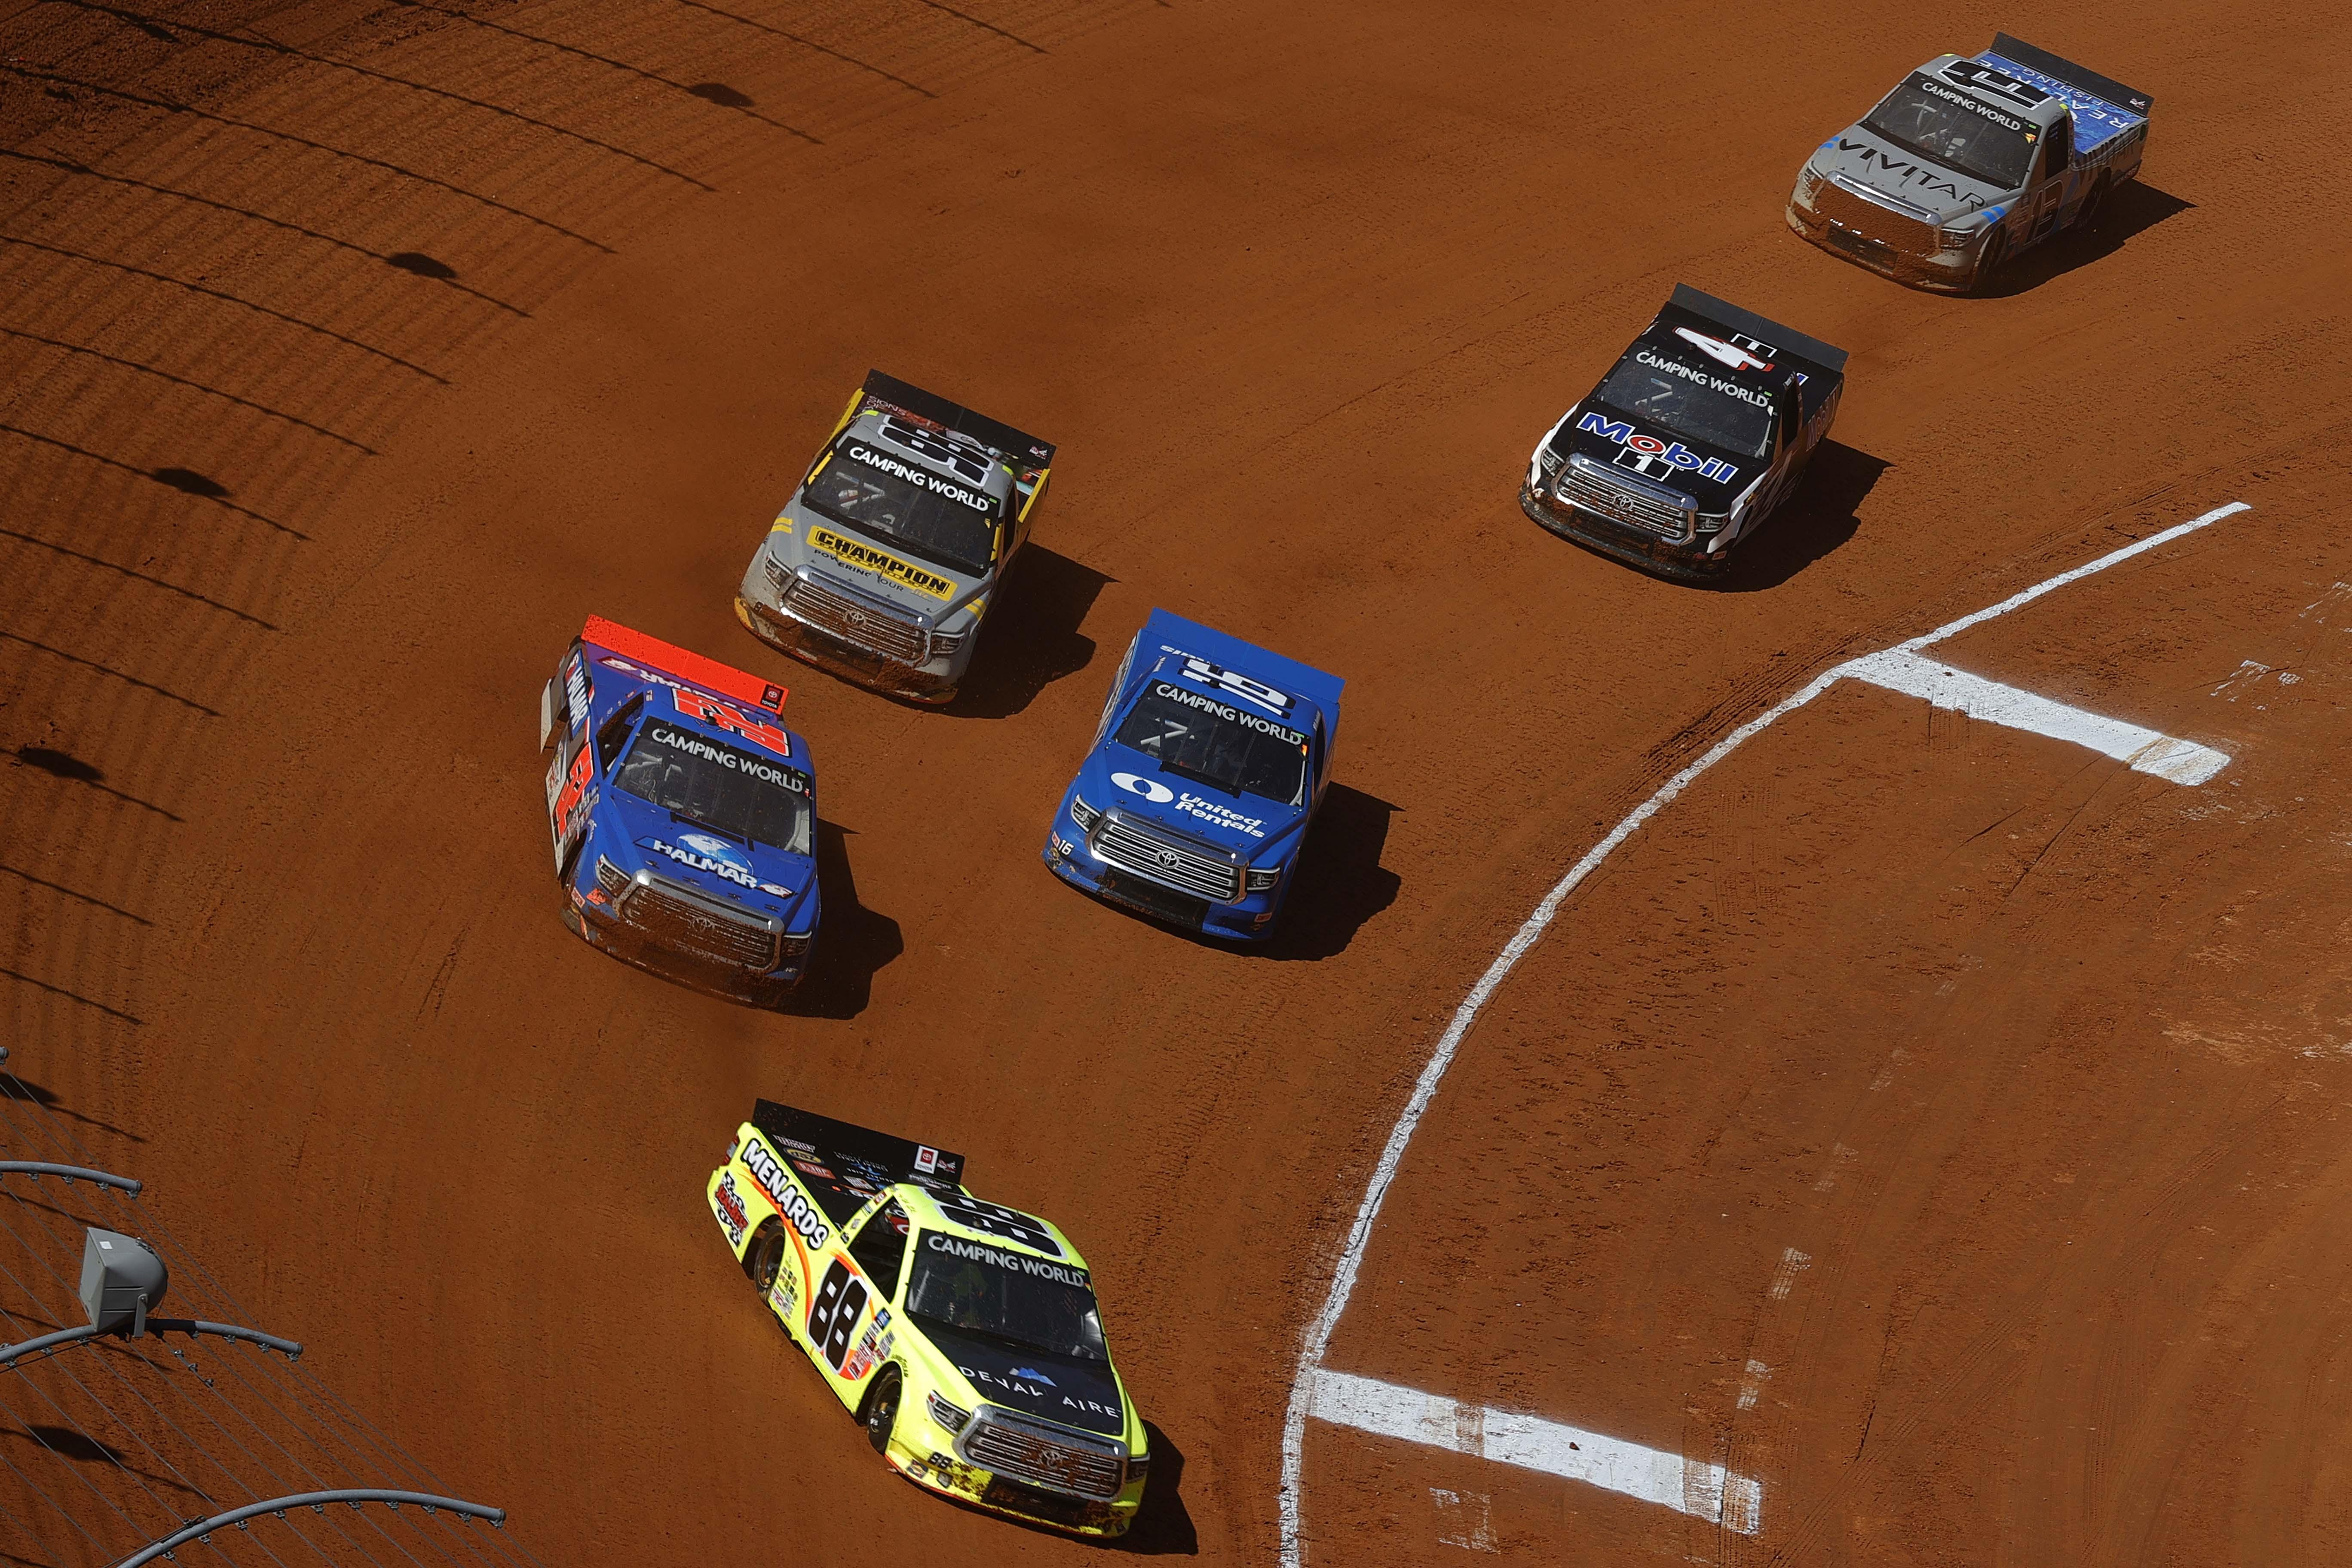 Matt Crafton, Stewart Friesen, Austin Hill, Grant Enfinger and John Hunter Nemechek - Bristol Dirt Track - NASCAR Truck Series